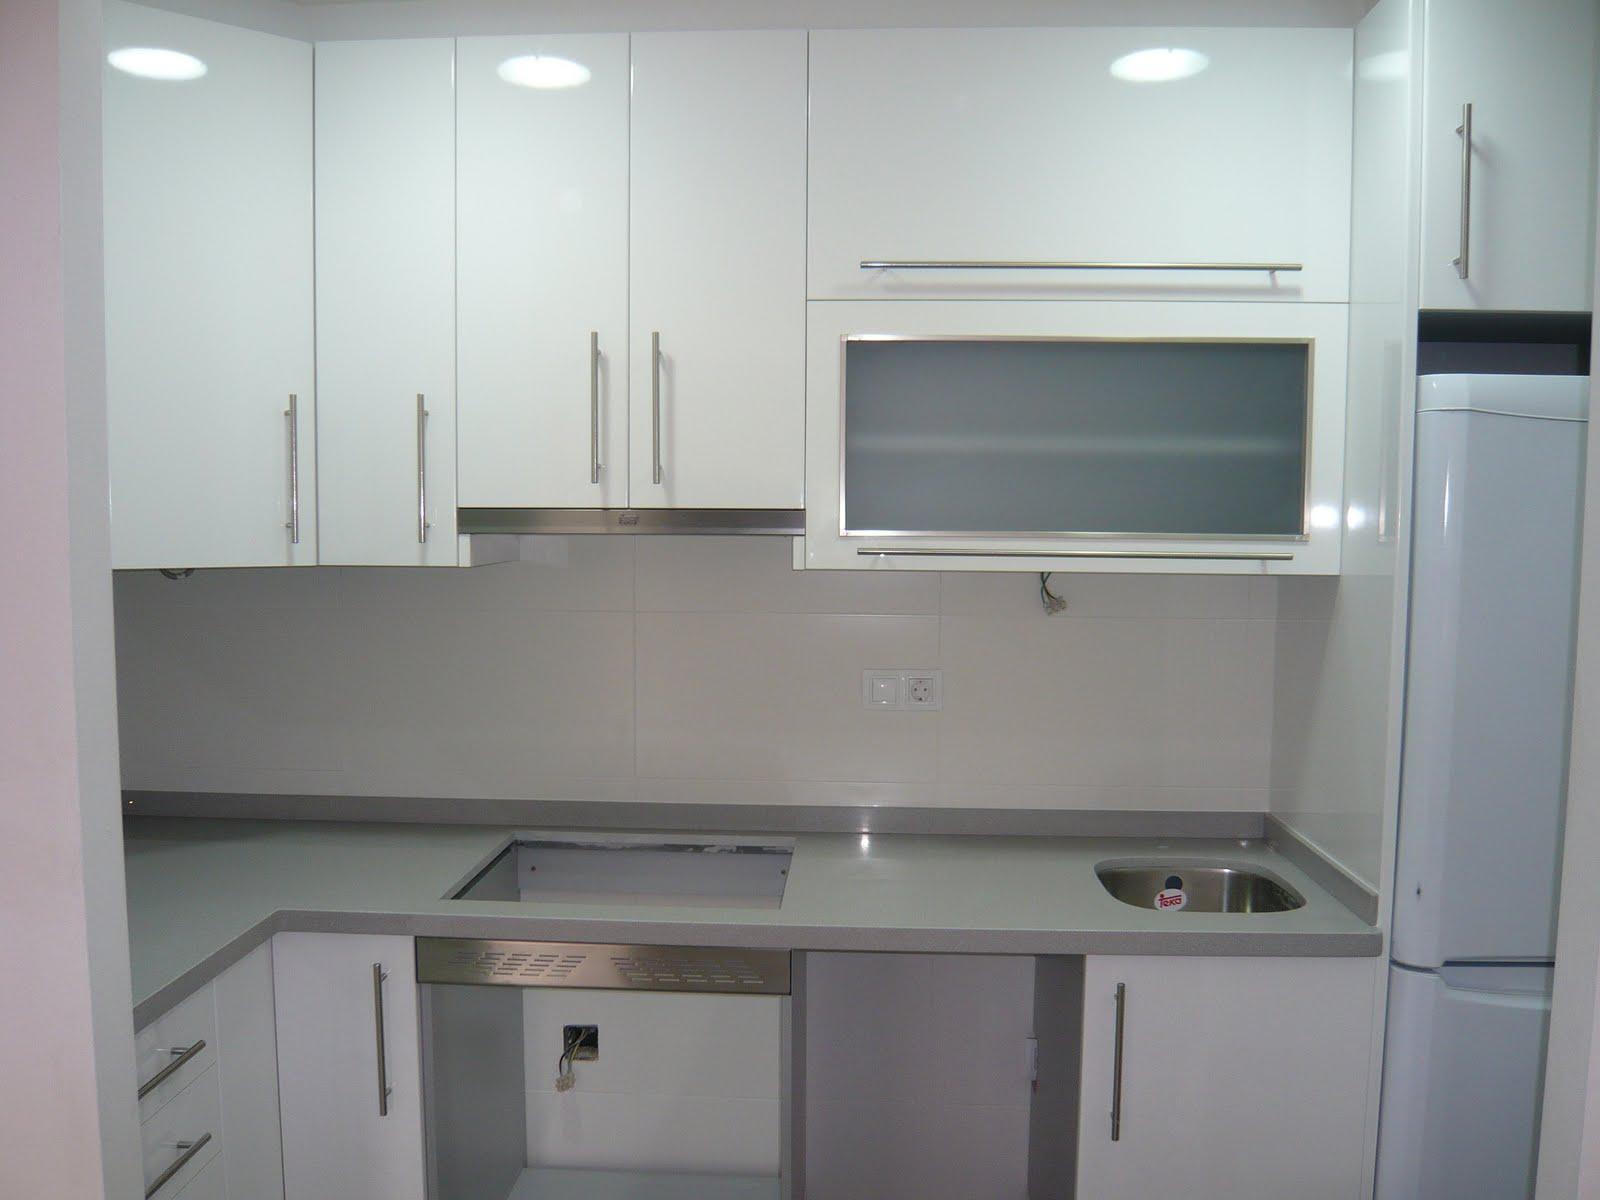 Pz c muebles de cocina - Cocinas con muebles blancos ...